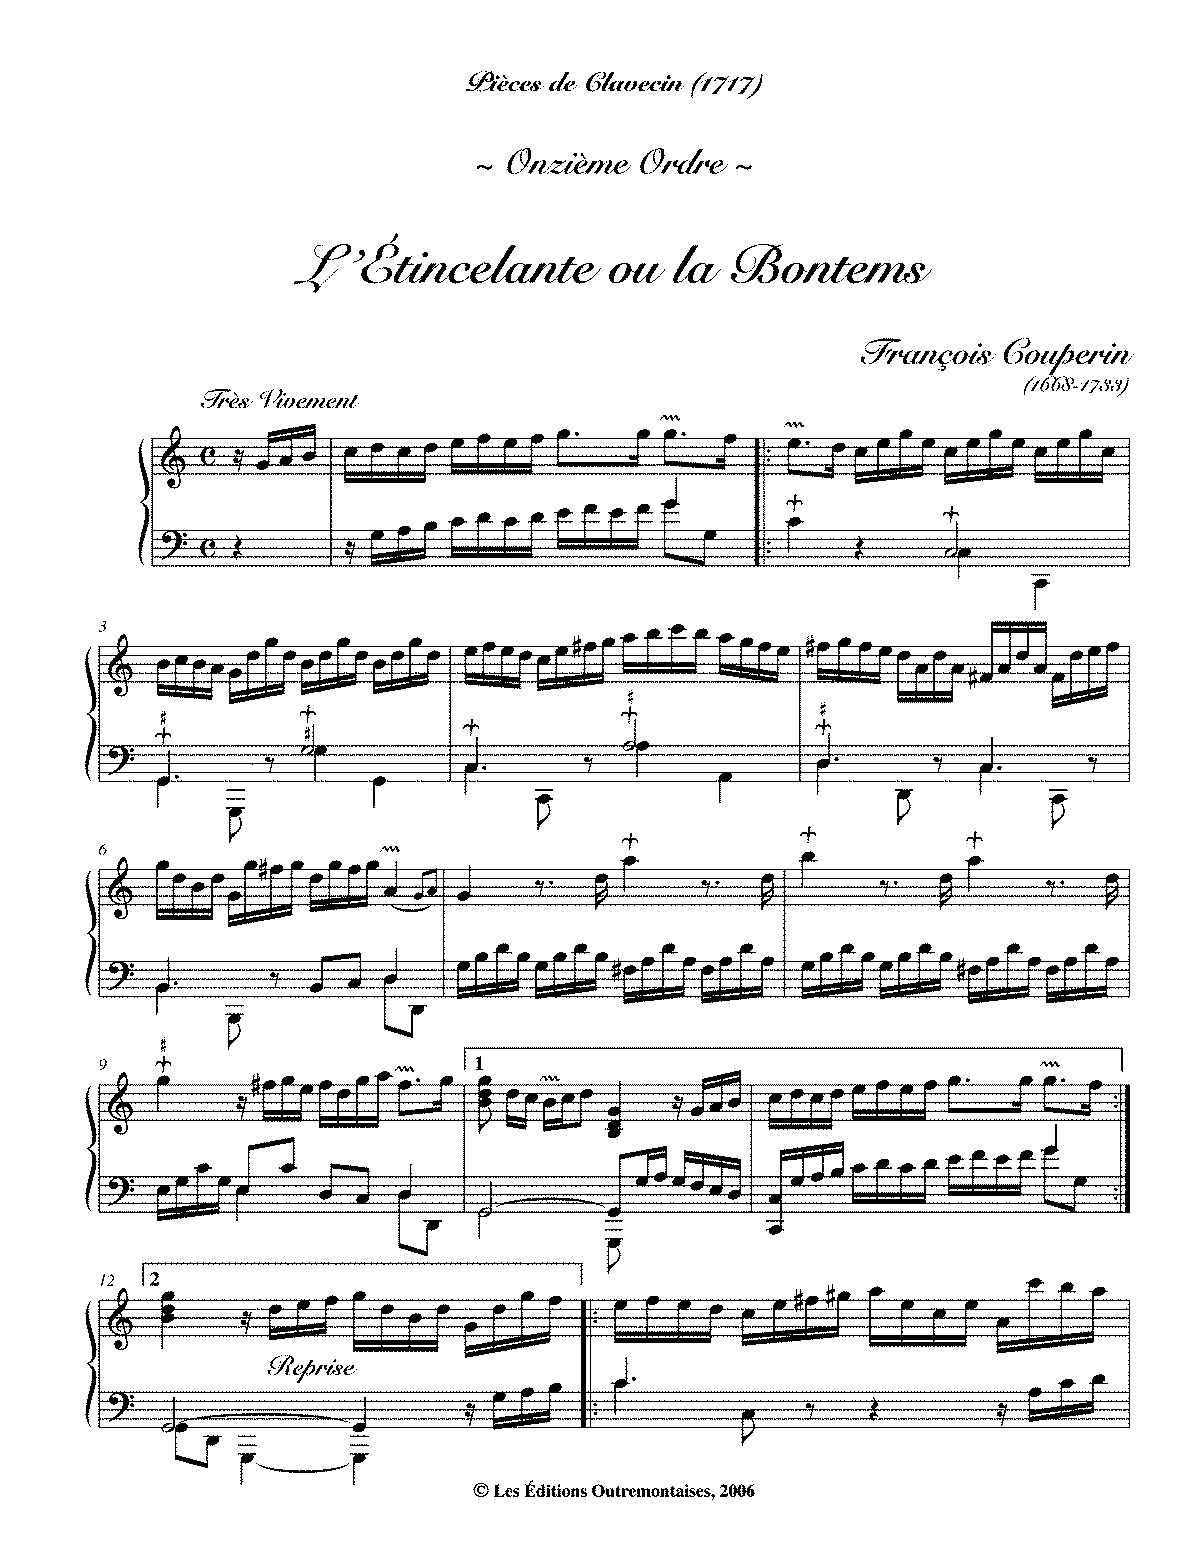 Pièces de clavecin 12th ordre, L Atalante - Harpsichord